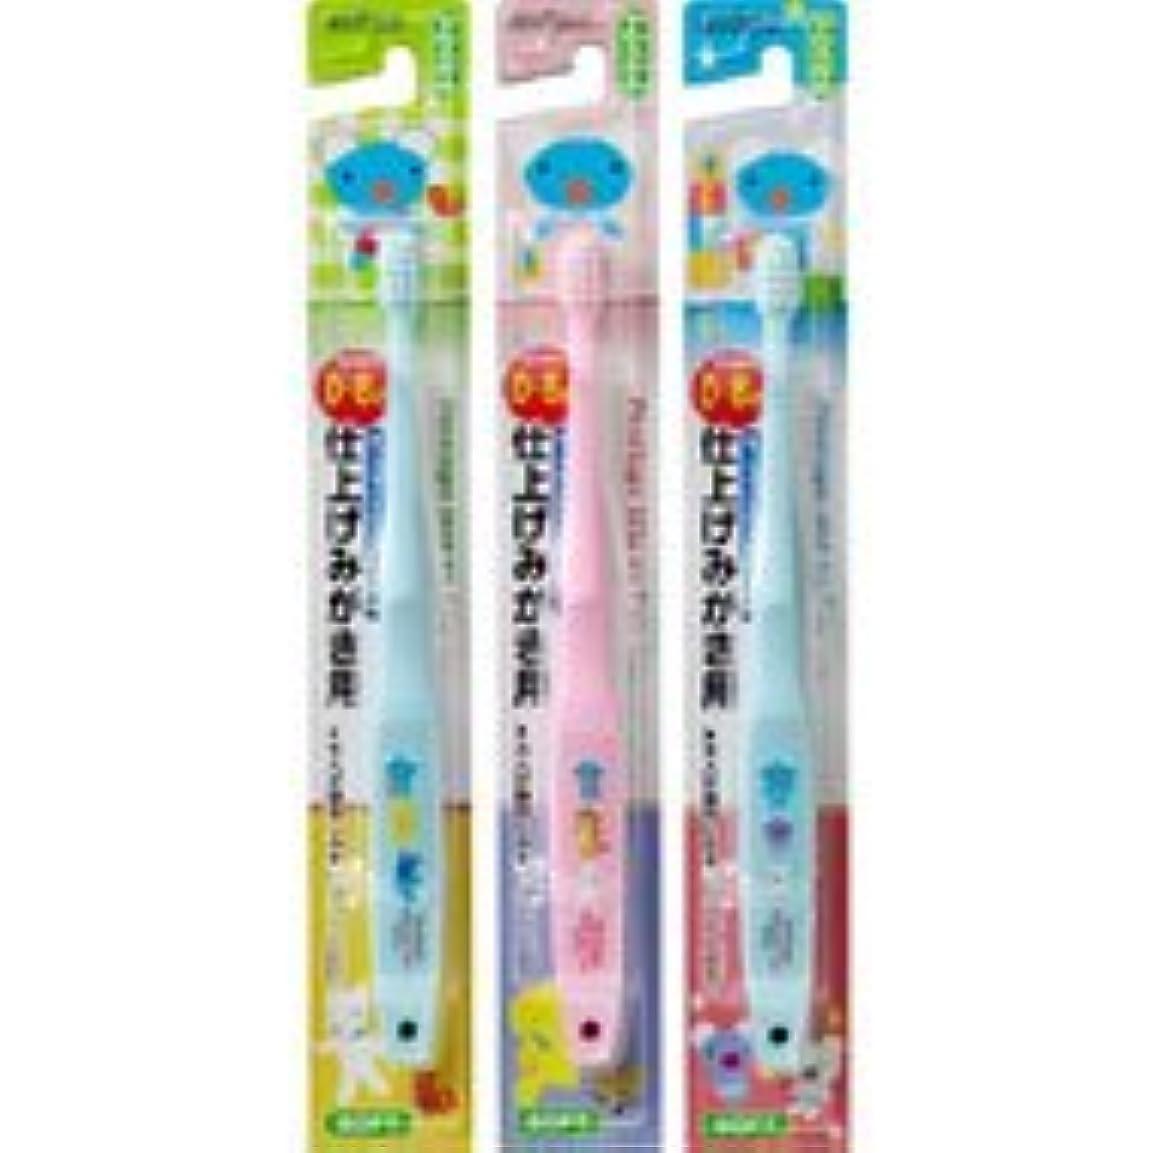 コンテンツ説明するカートペネロペ仕上げ磨き用歯ブラシ 3本 ※種類は当店お任せとなります